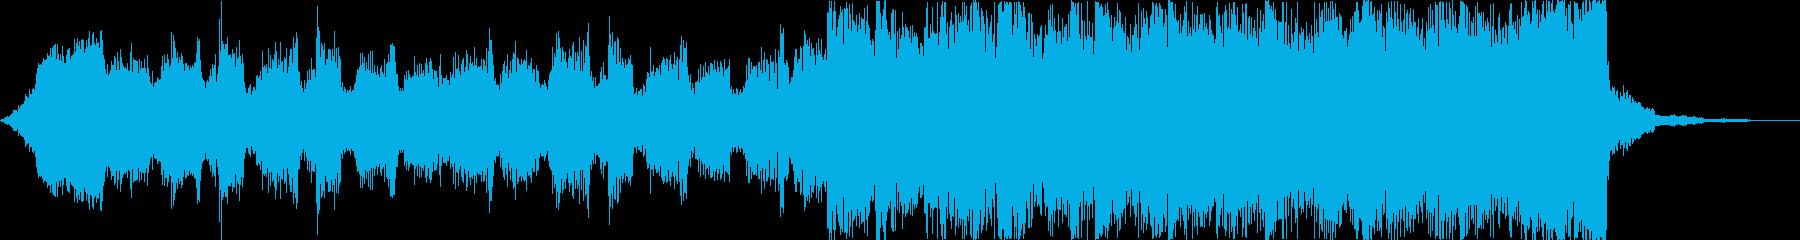 雄大壮大自然海夏EDMトロピカルハウスeの再生済みの波形